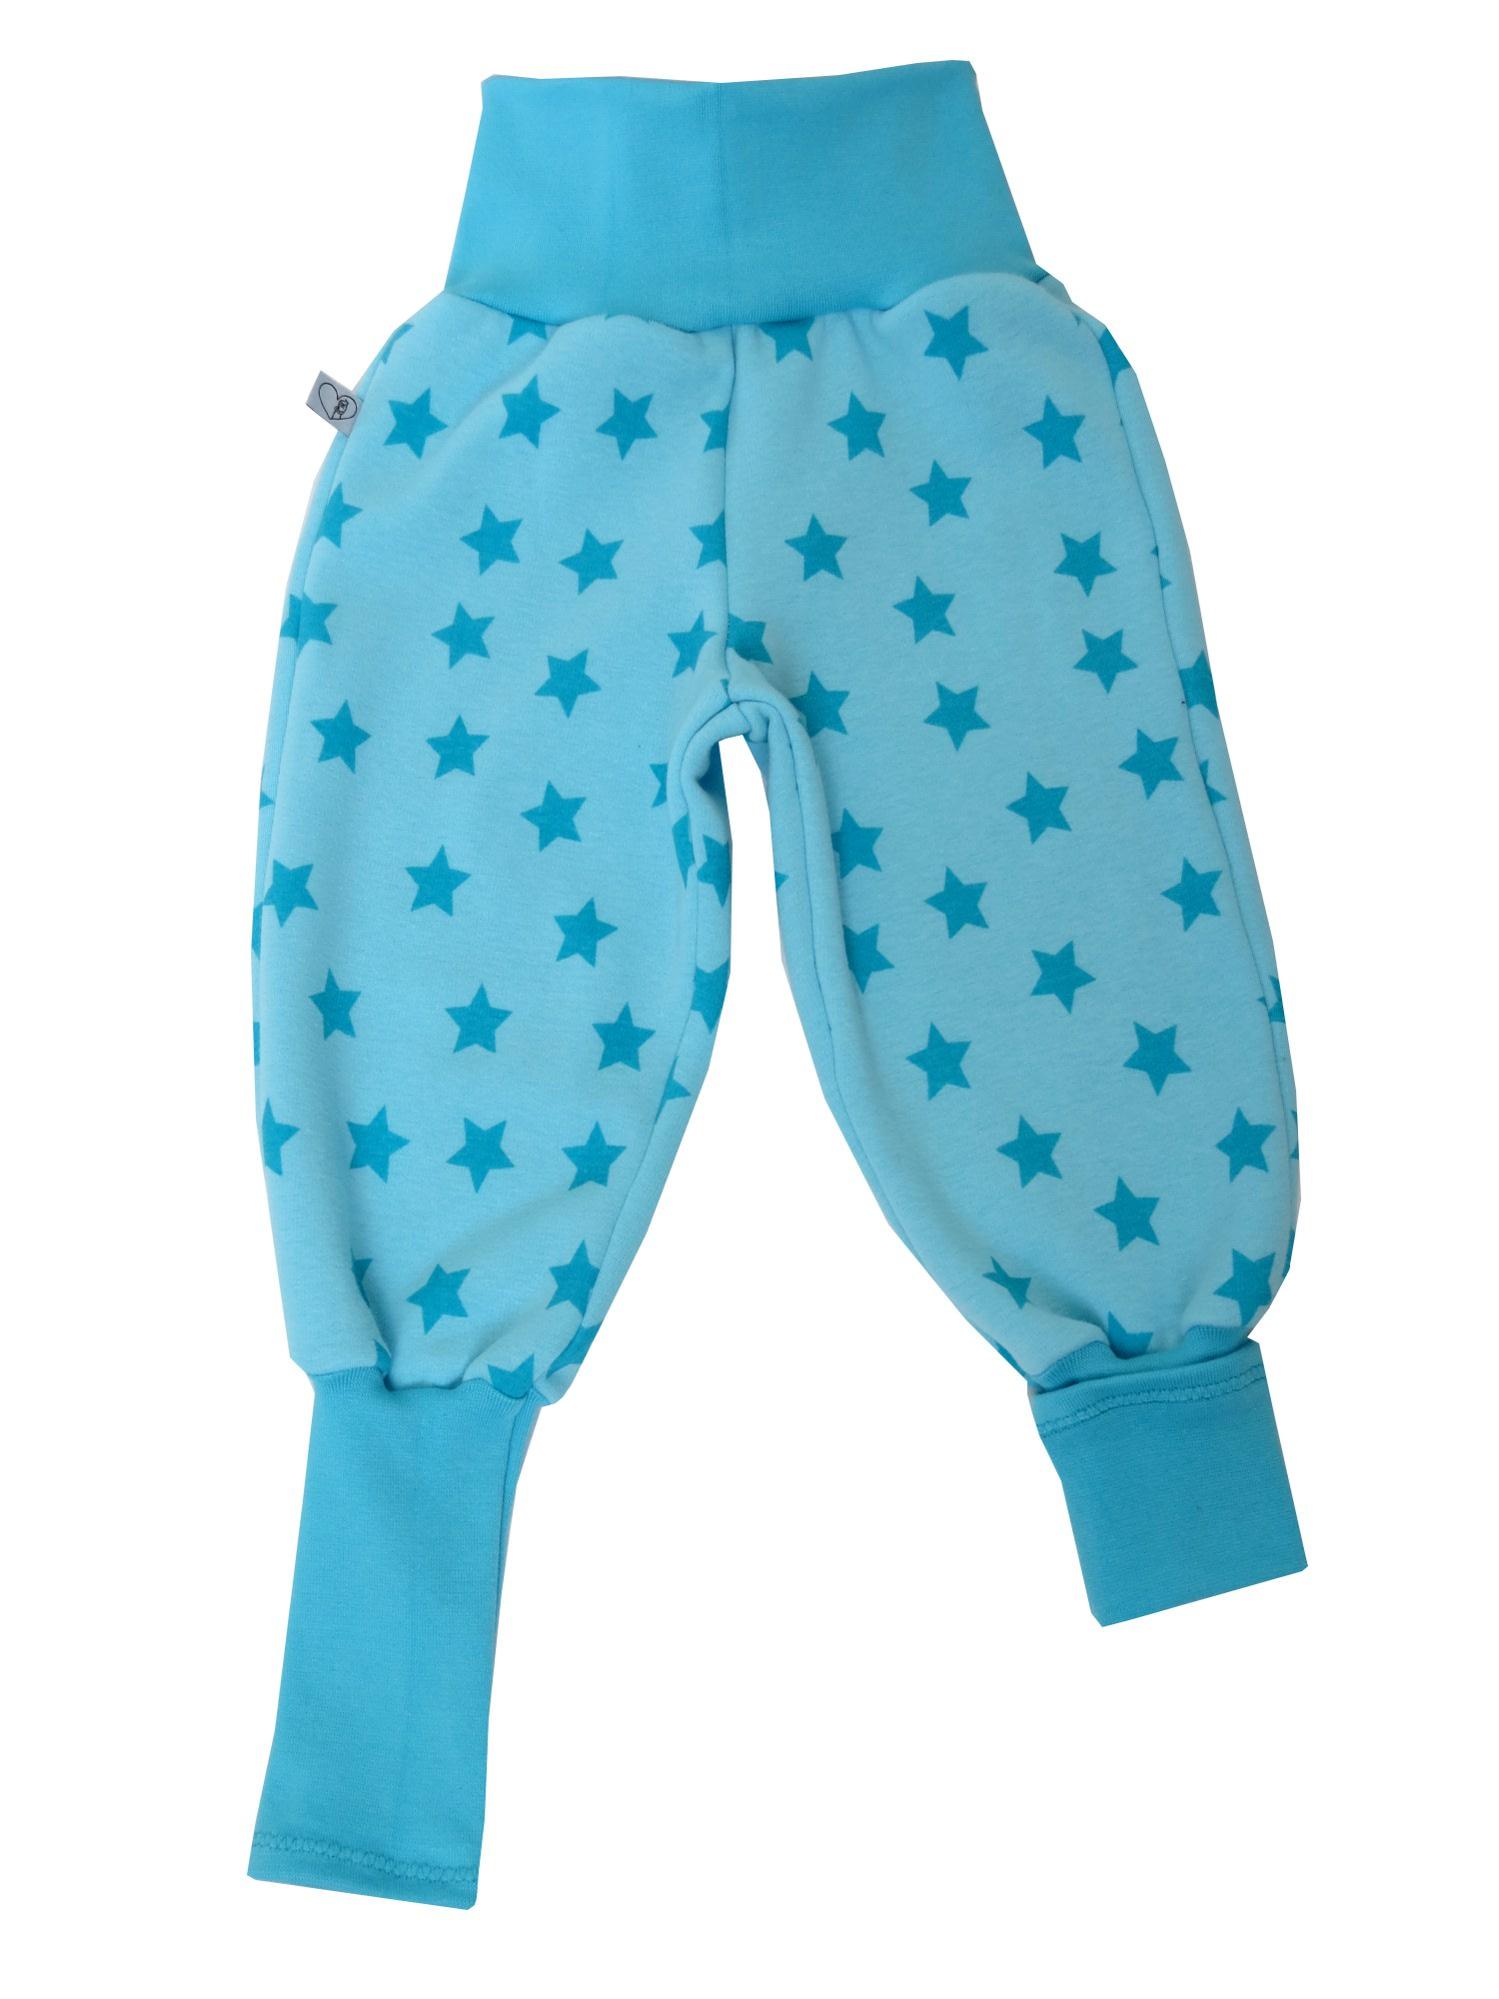 Kleinesbild - Warme Mitwachshose für Babys und Kleinkinder in blau türkis